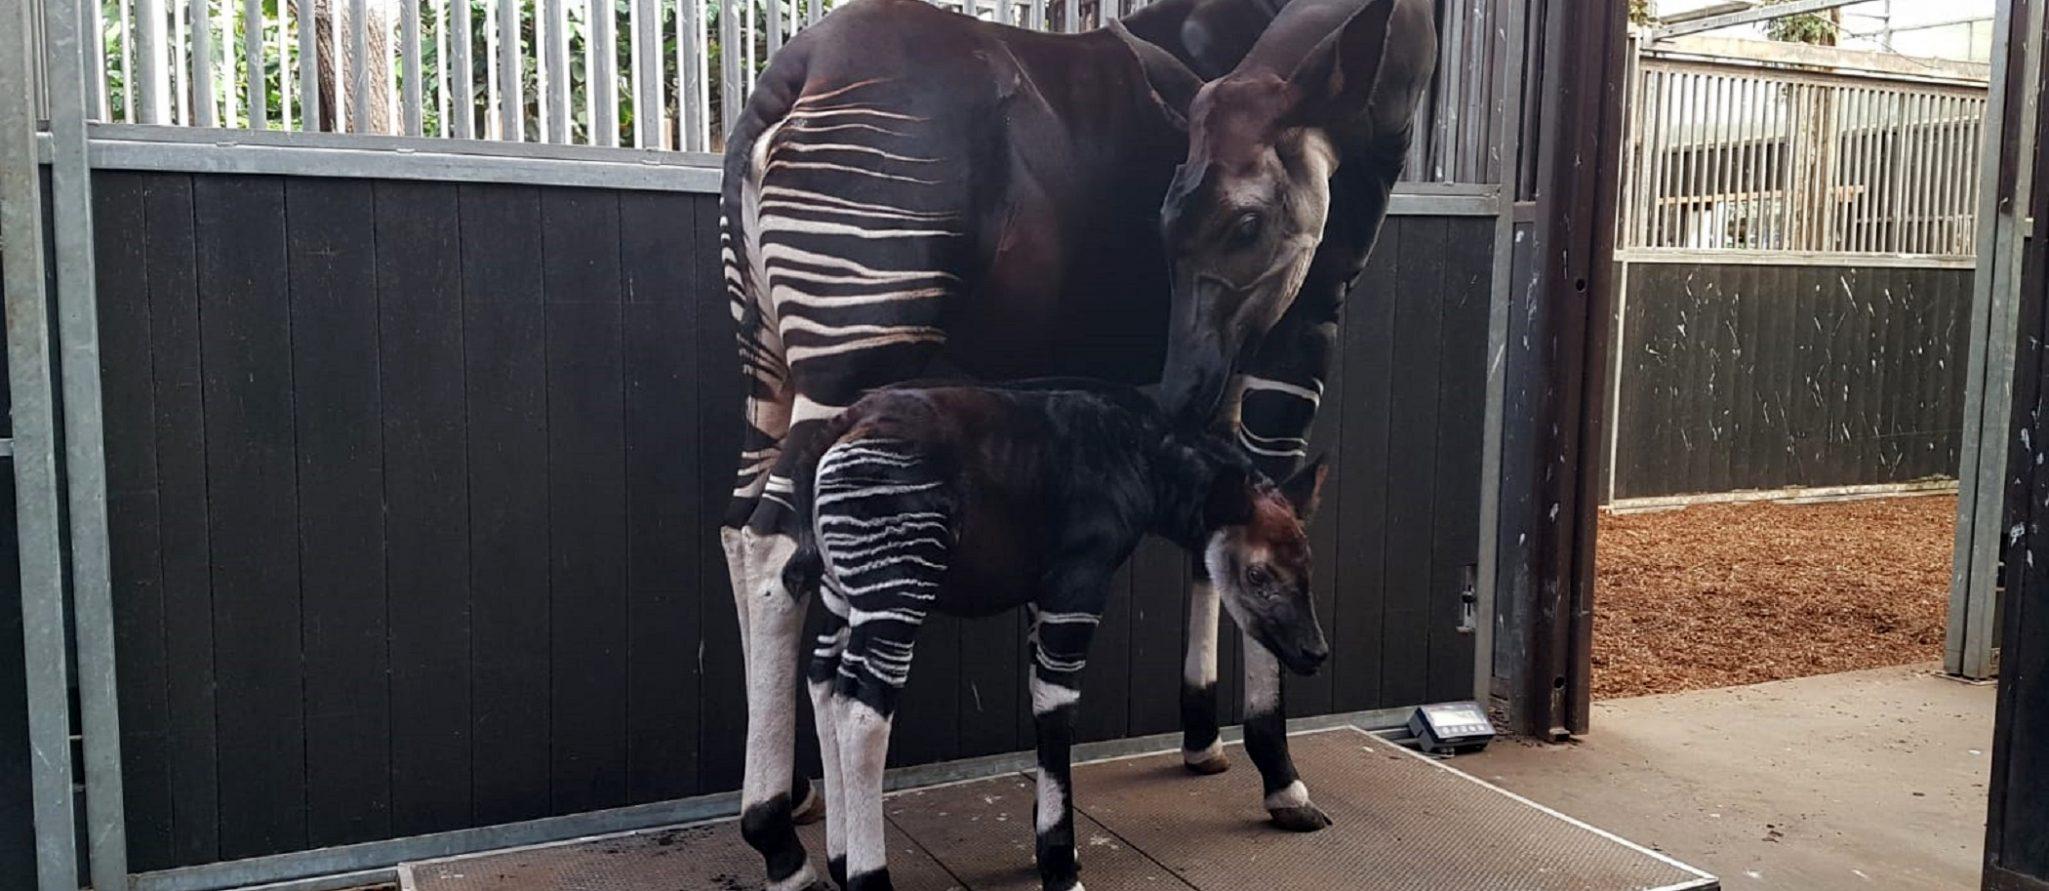 okapi's op de weegschaal